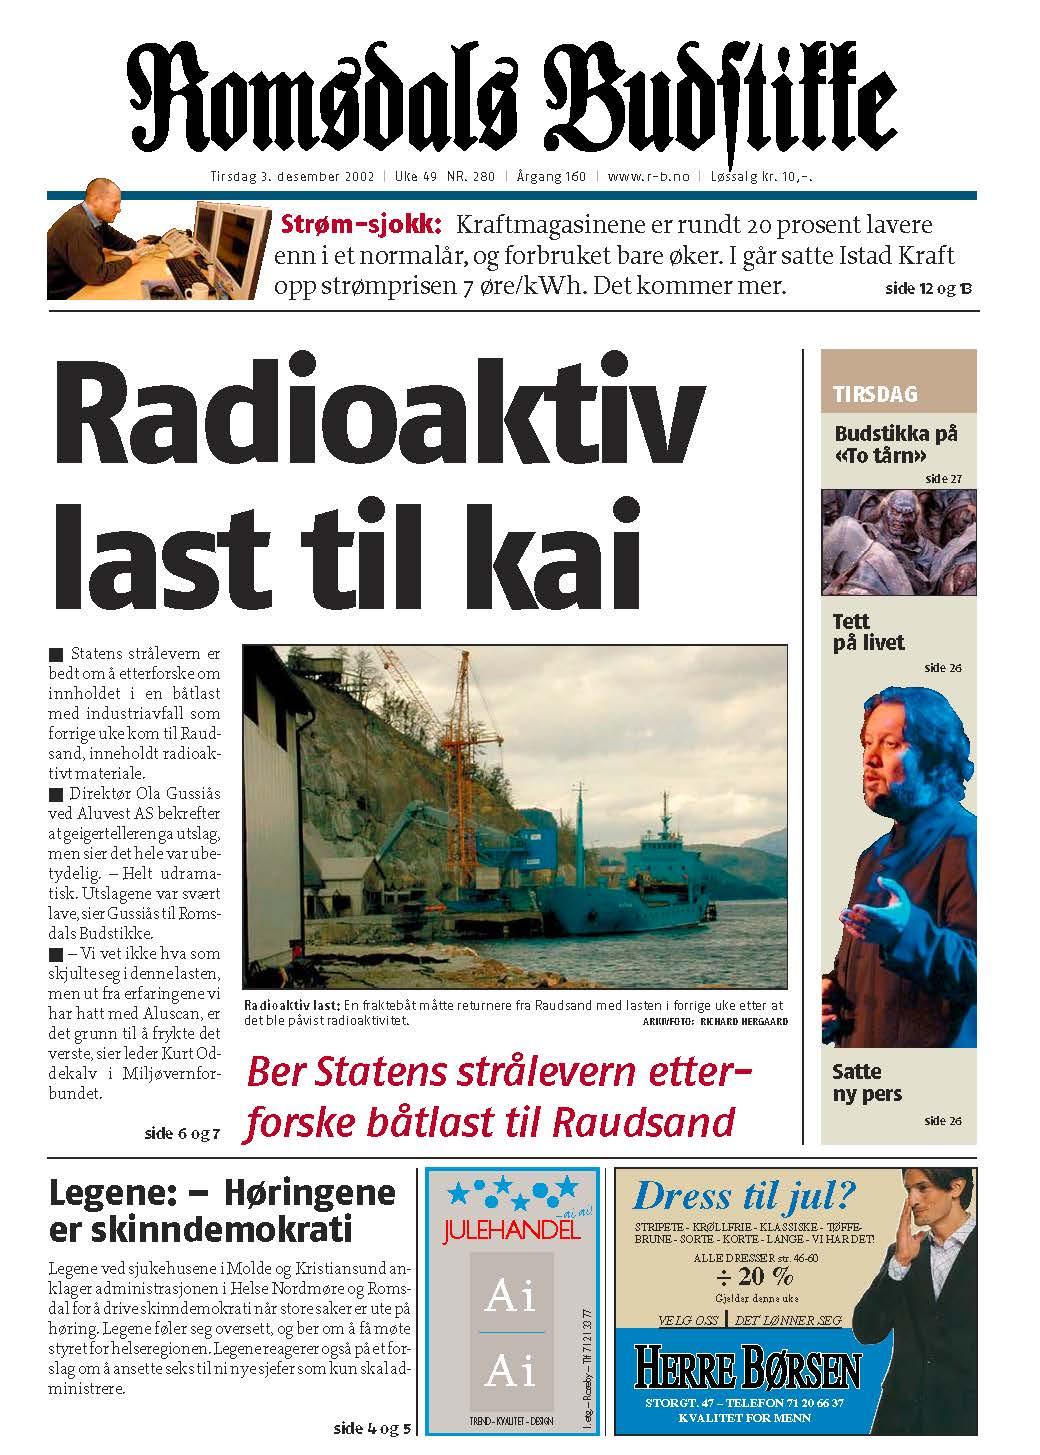 20021203_Romsdals_Budstikke 1